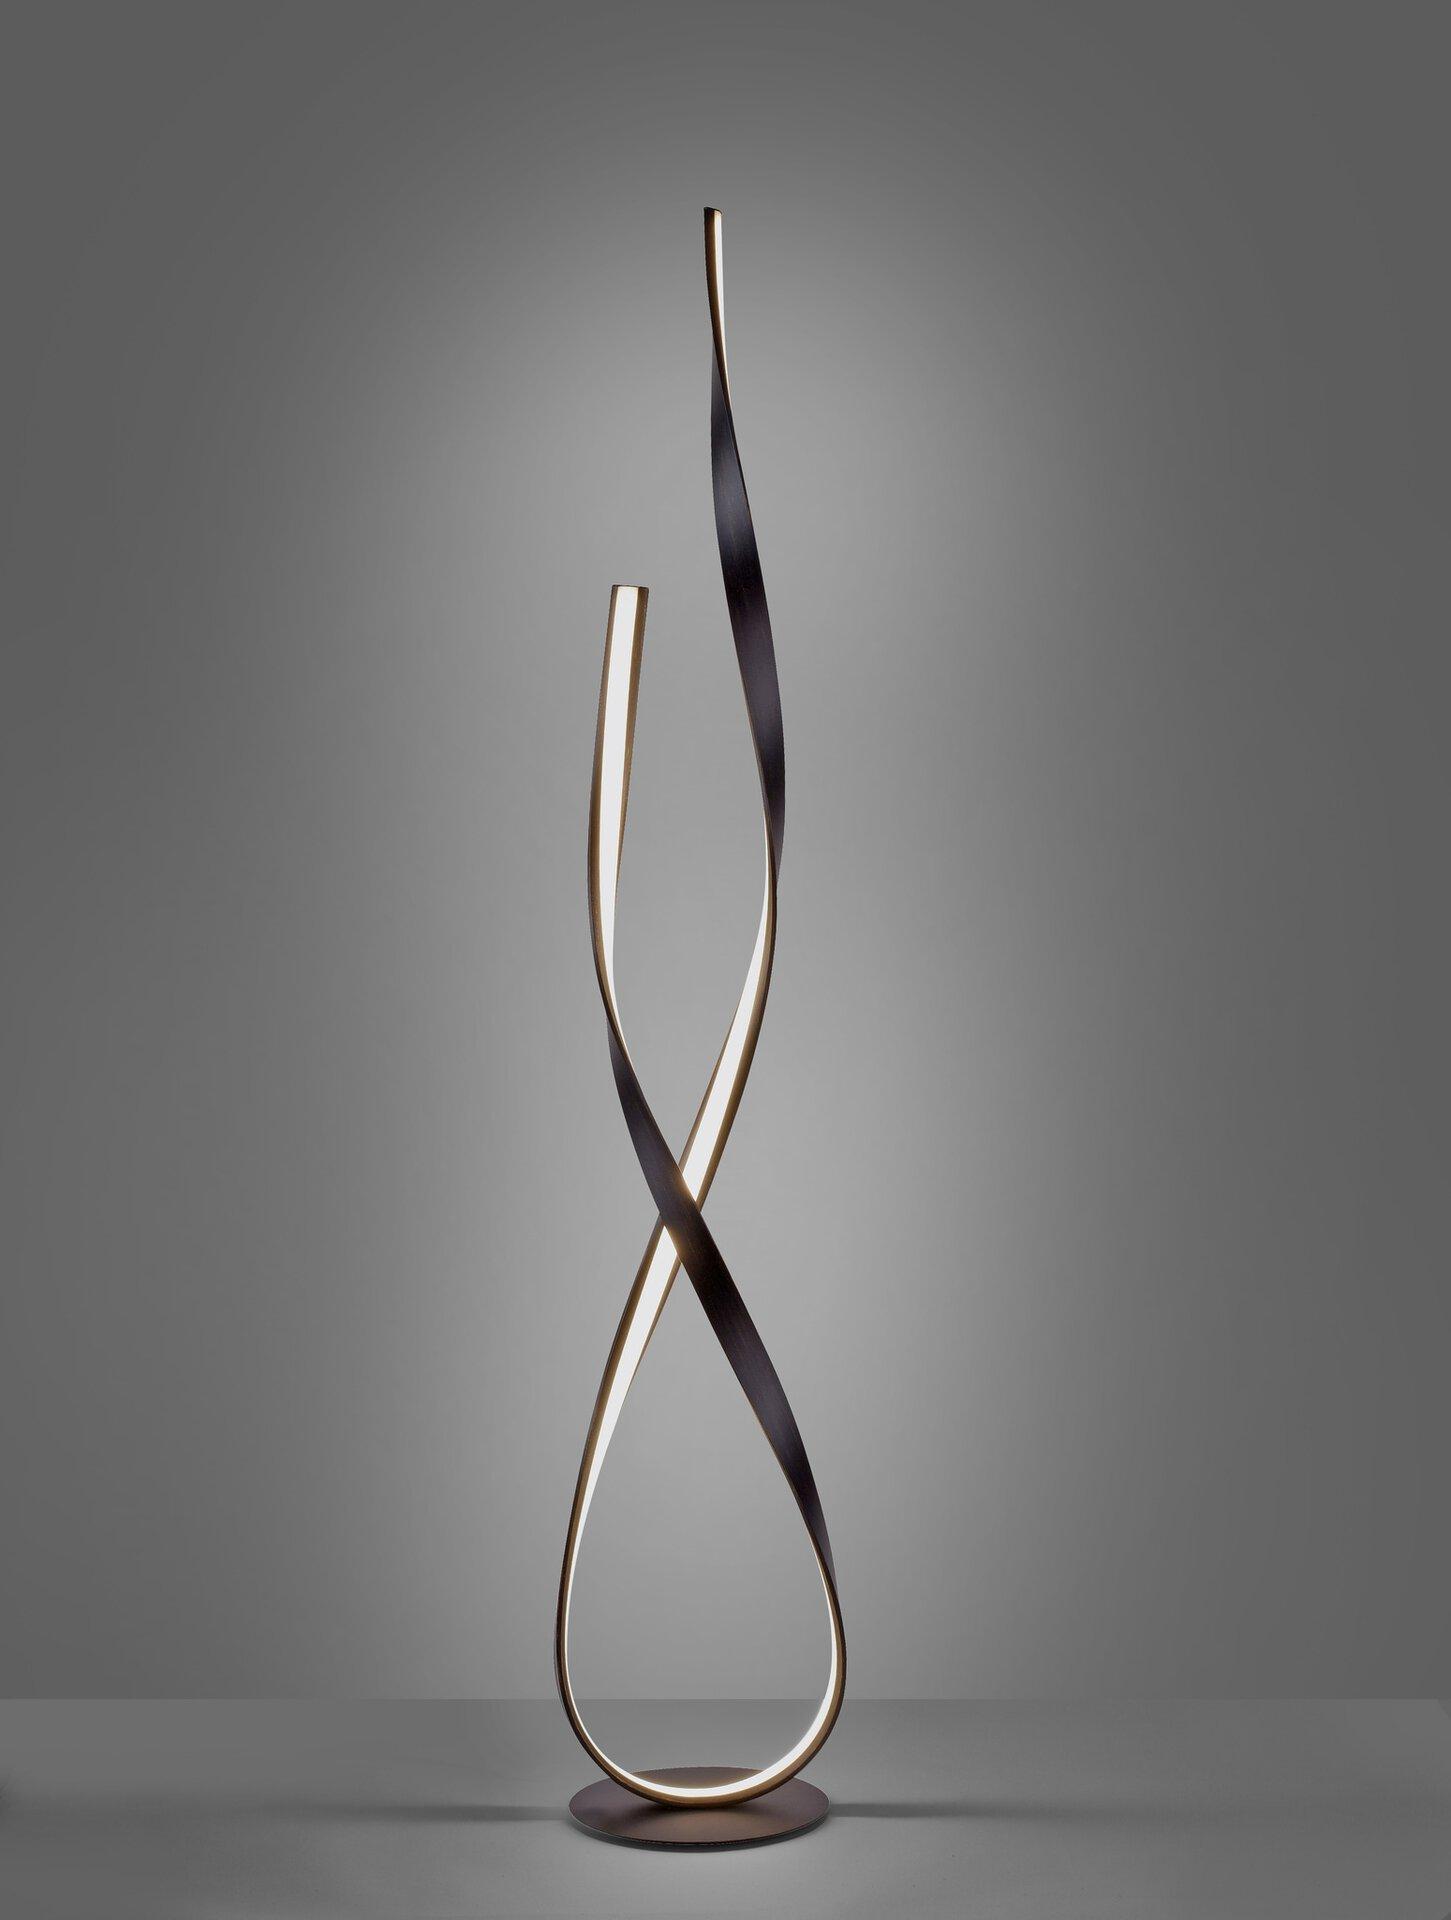 Stehleuchte LINDA Paul Neuhaus Metall schwarz 23 x 140 x 23 cm